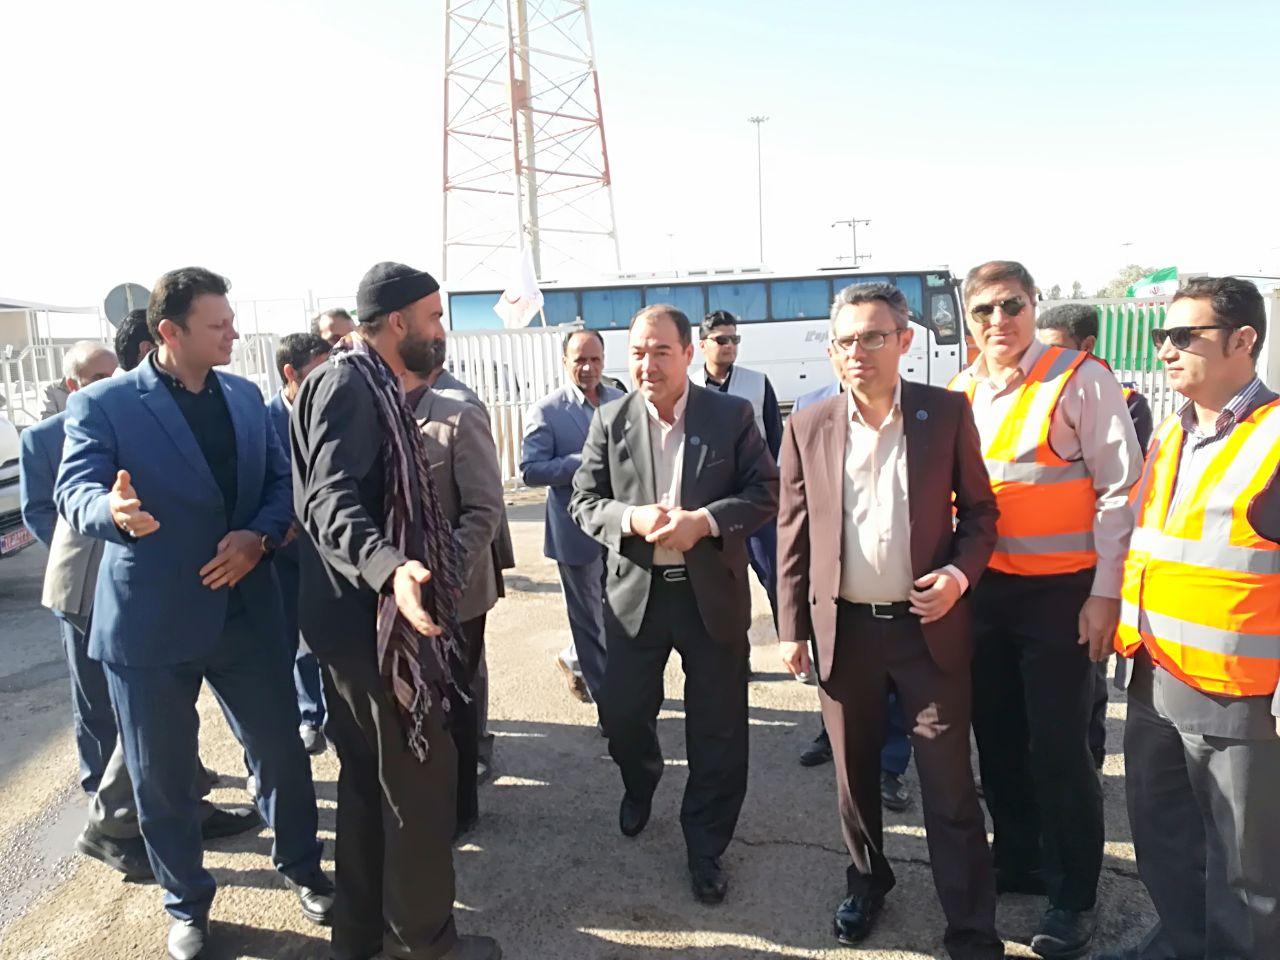 افزایش 22درصدی اتباع خارجی در راهپیمایی عظیم اربعین حسینی